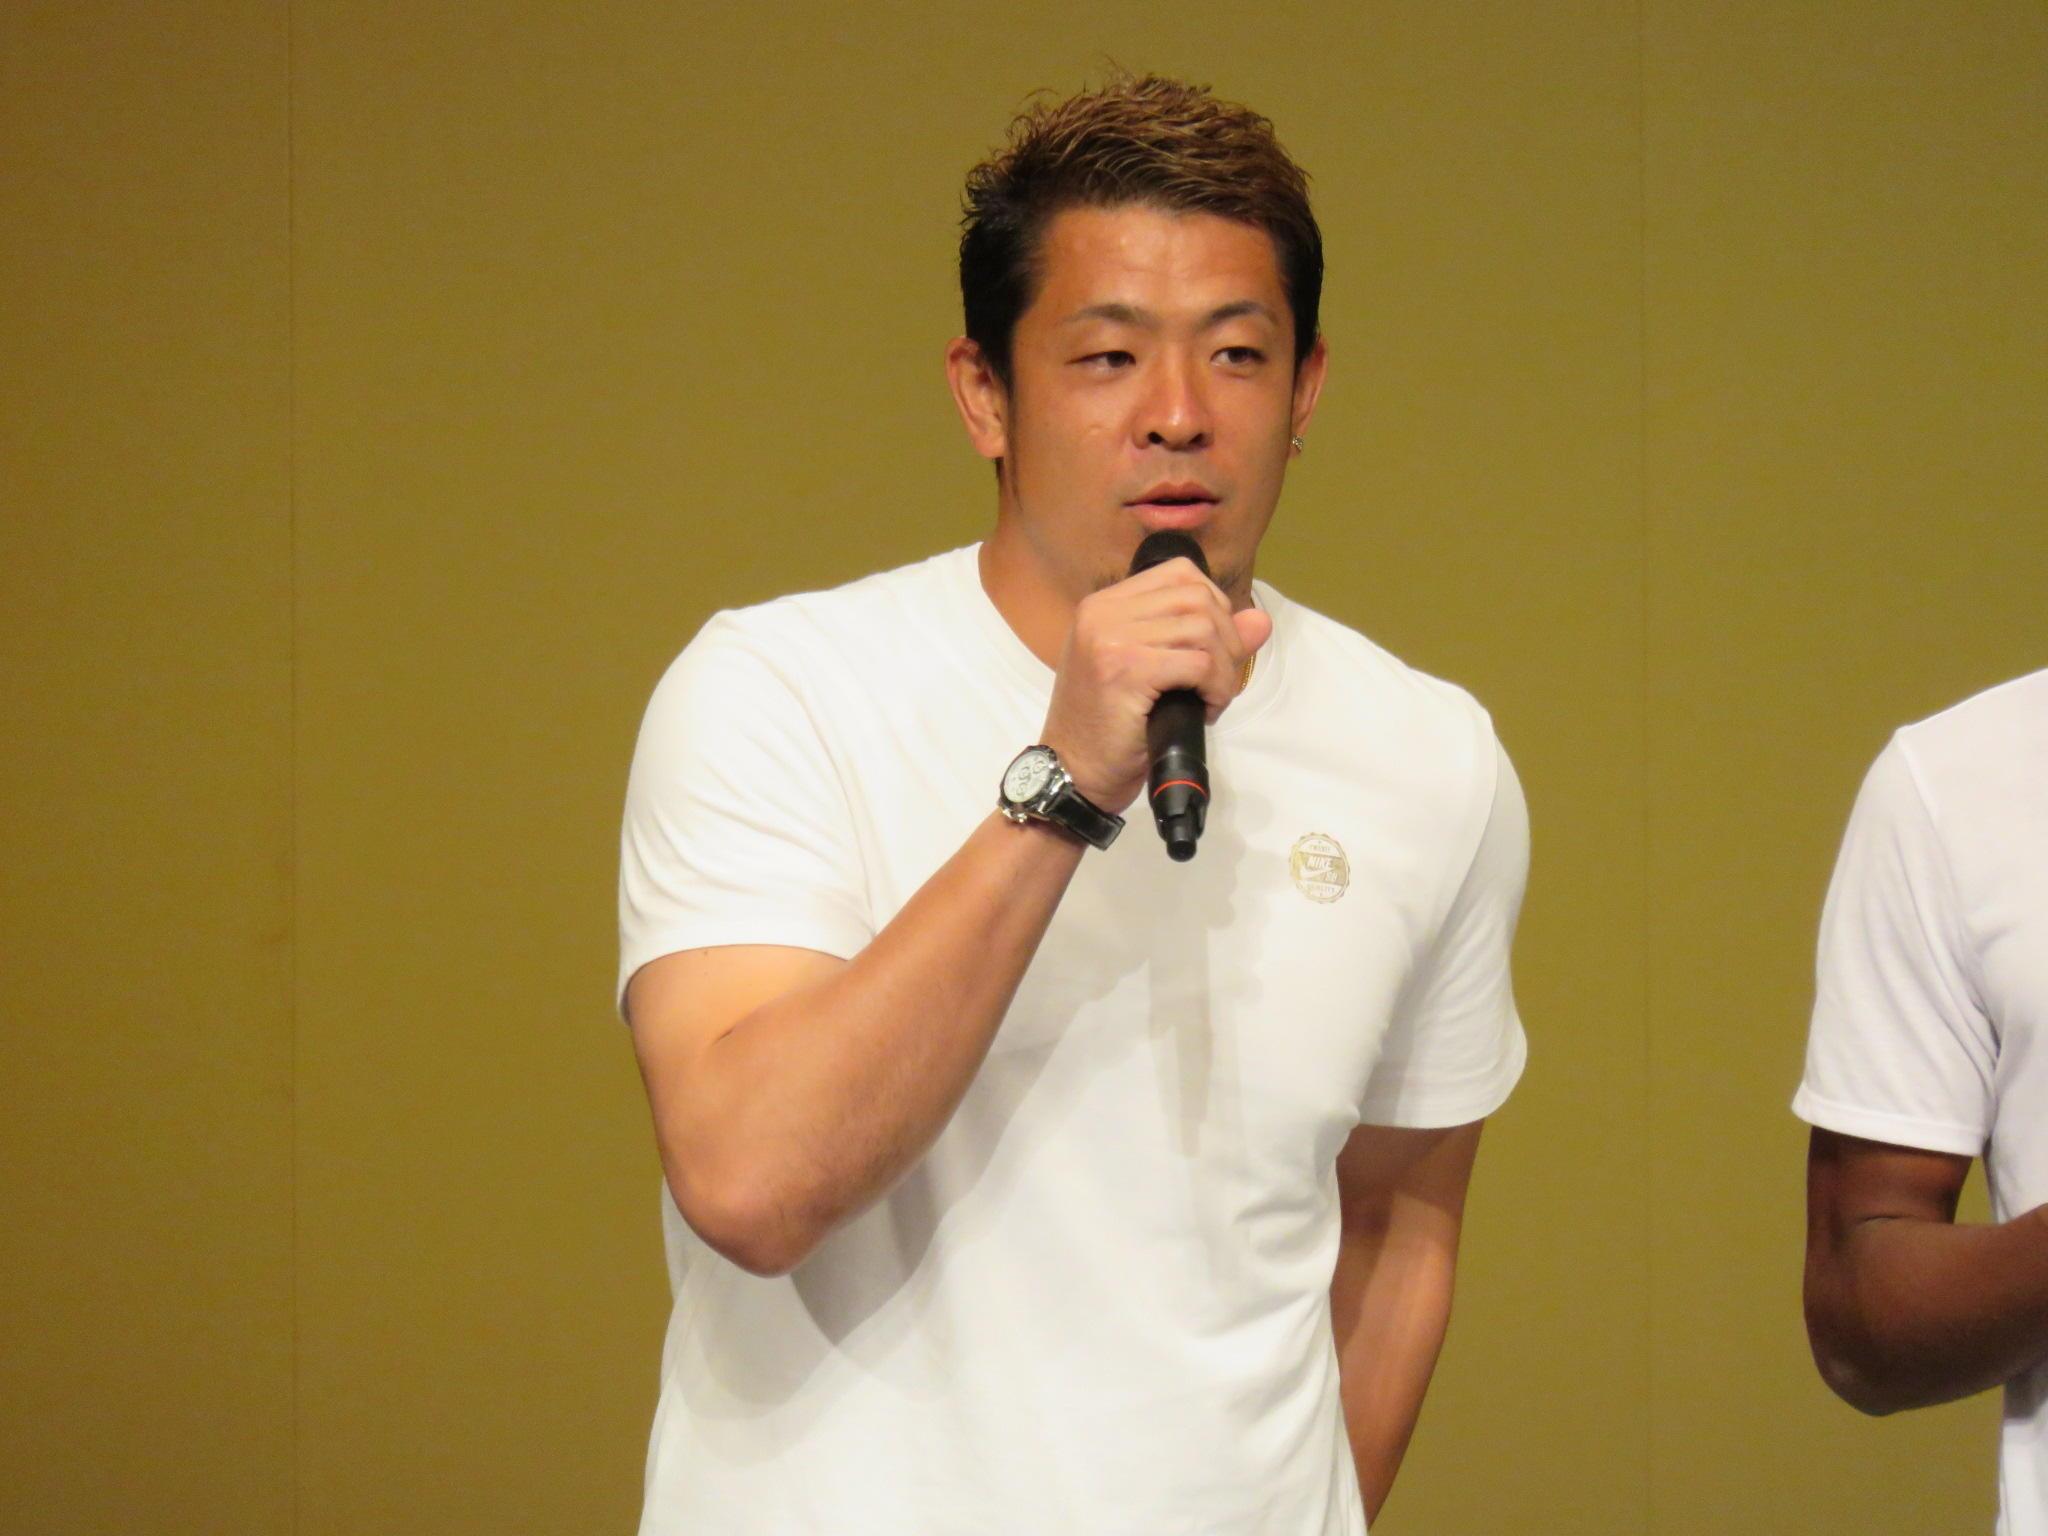 http://news.yoshimoto.co.jp/20160830225258-544e94ffcef0d8b1fe08e90cad20f624d77c2143.jpg